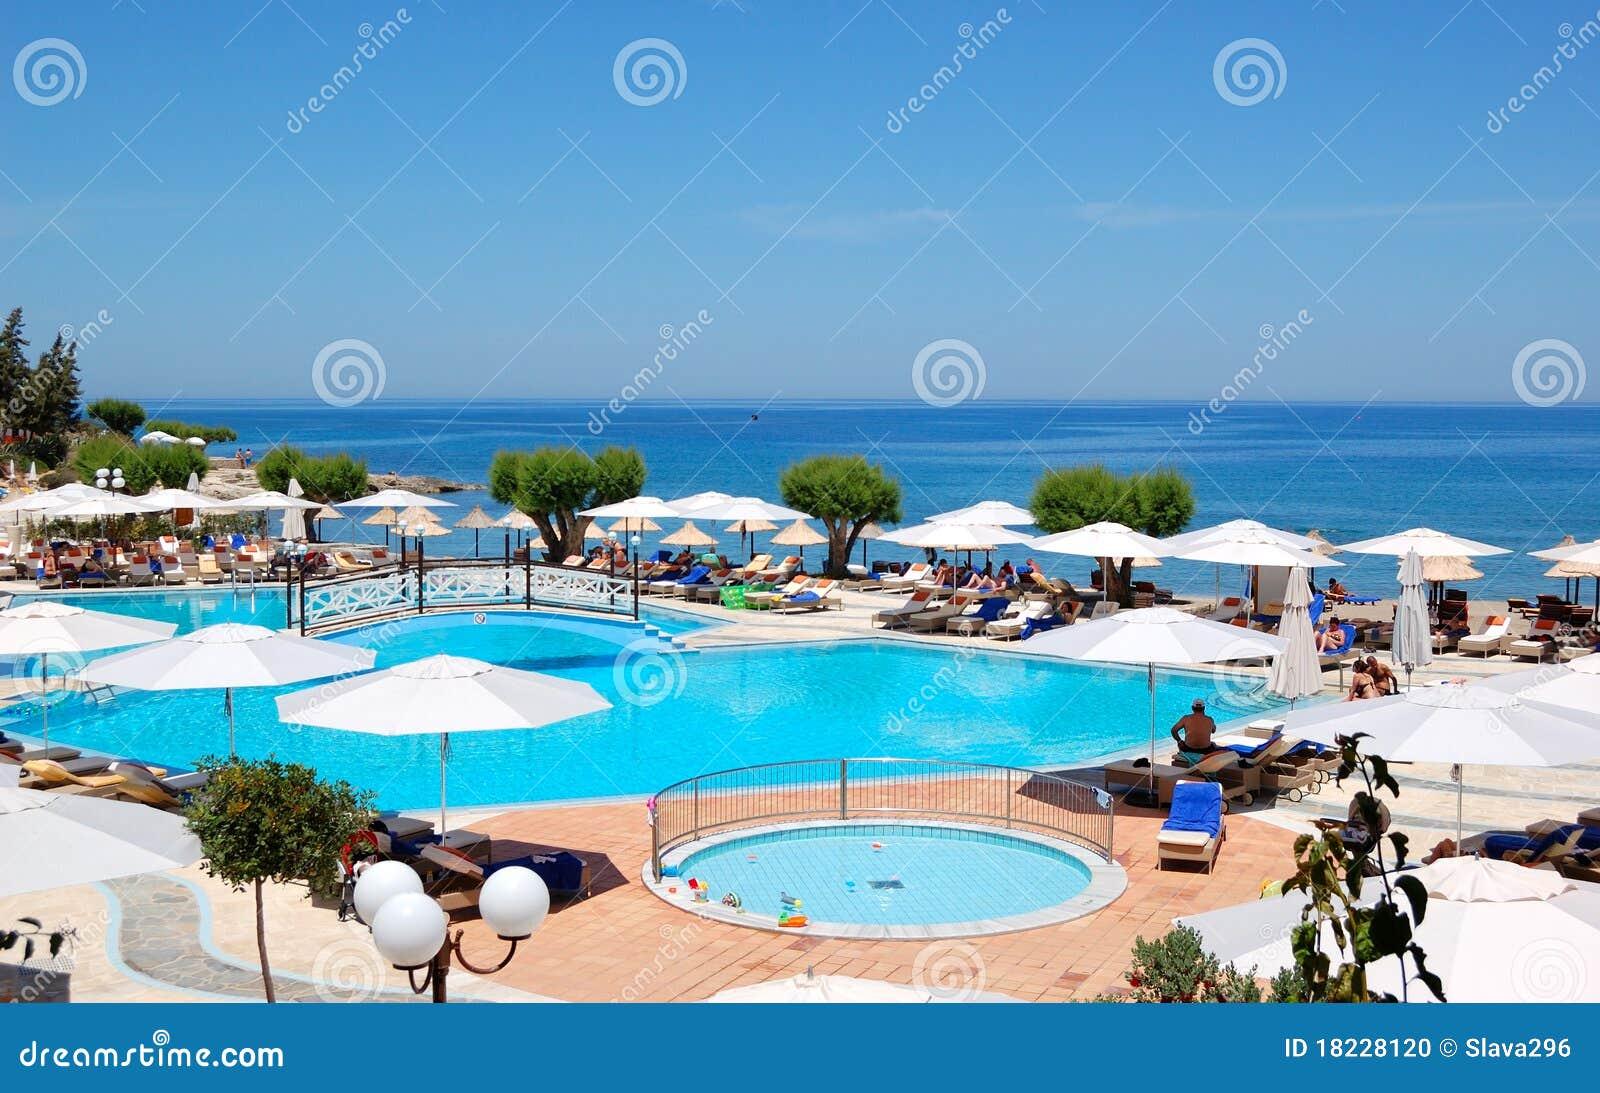 Piscina y playa del hotel de maris de la tierra imagen for Follando en la piscina del hotel